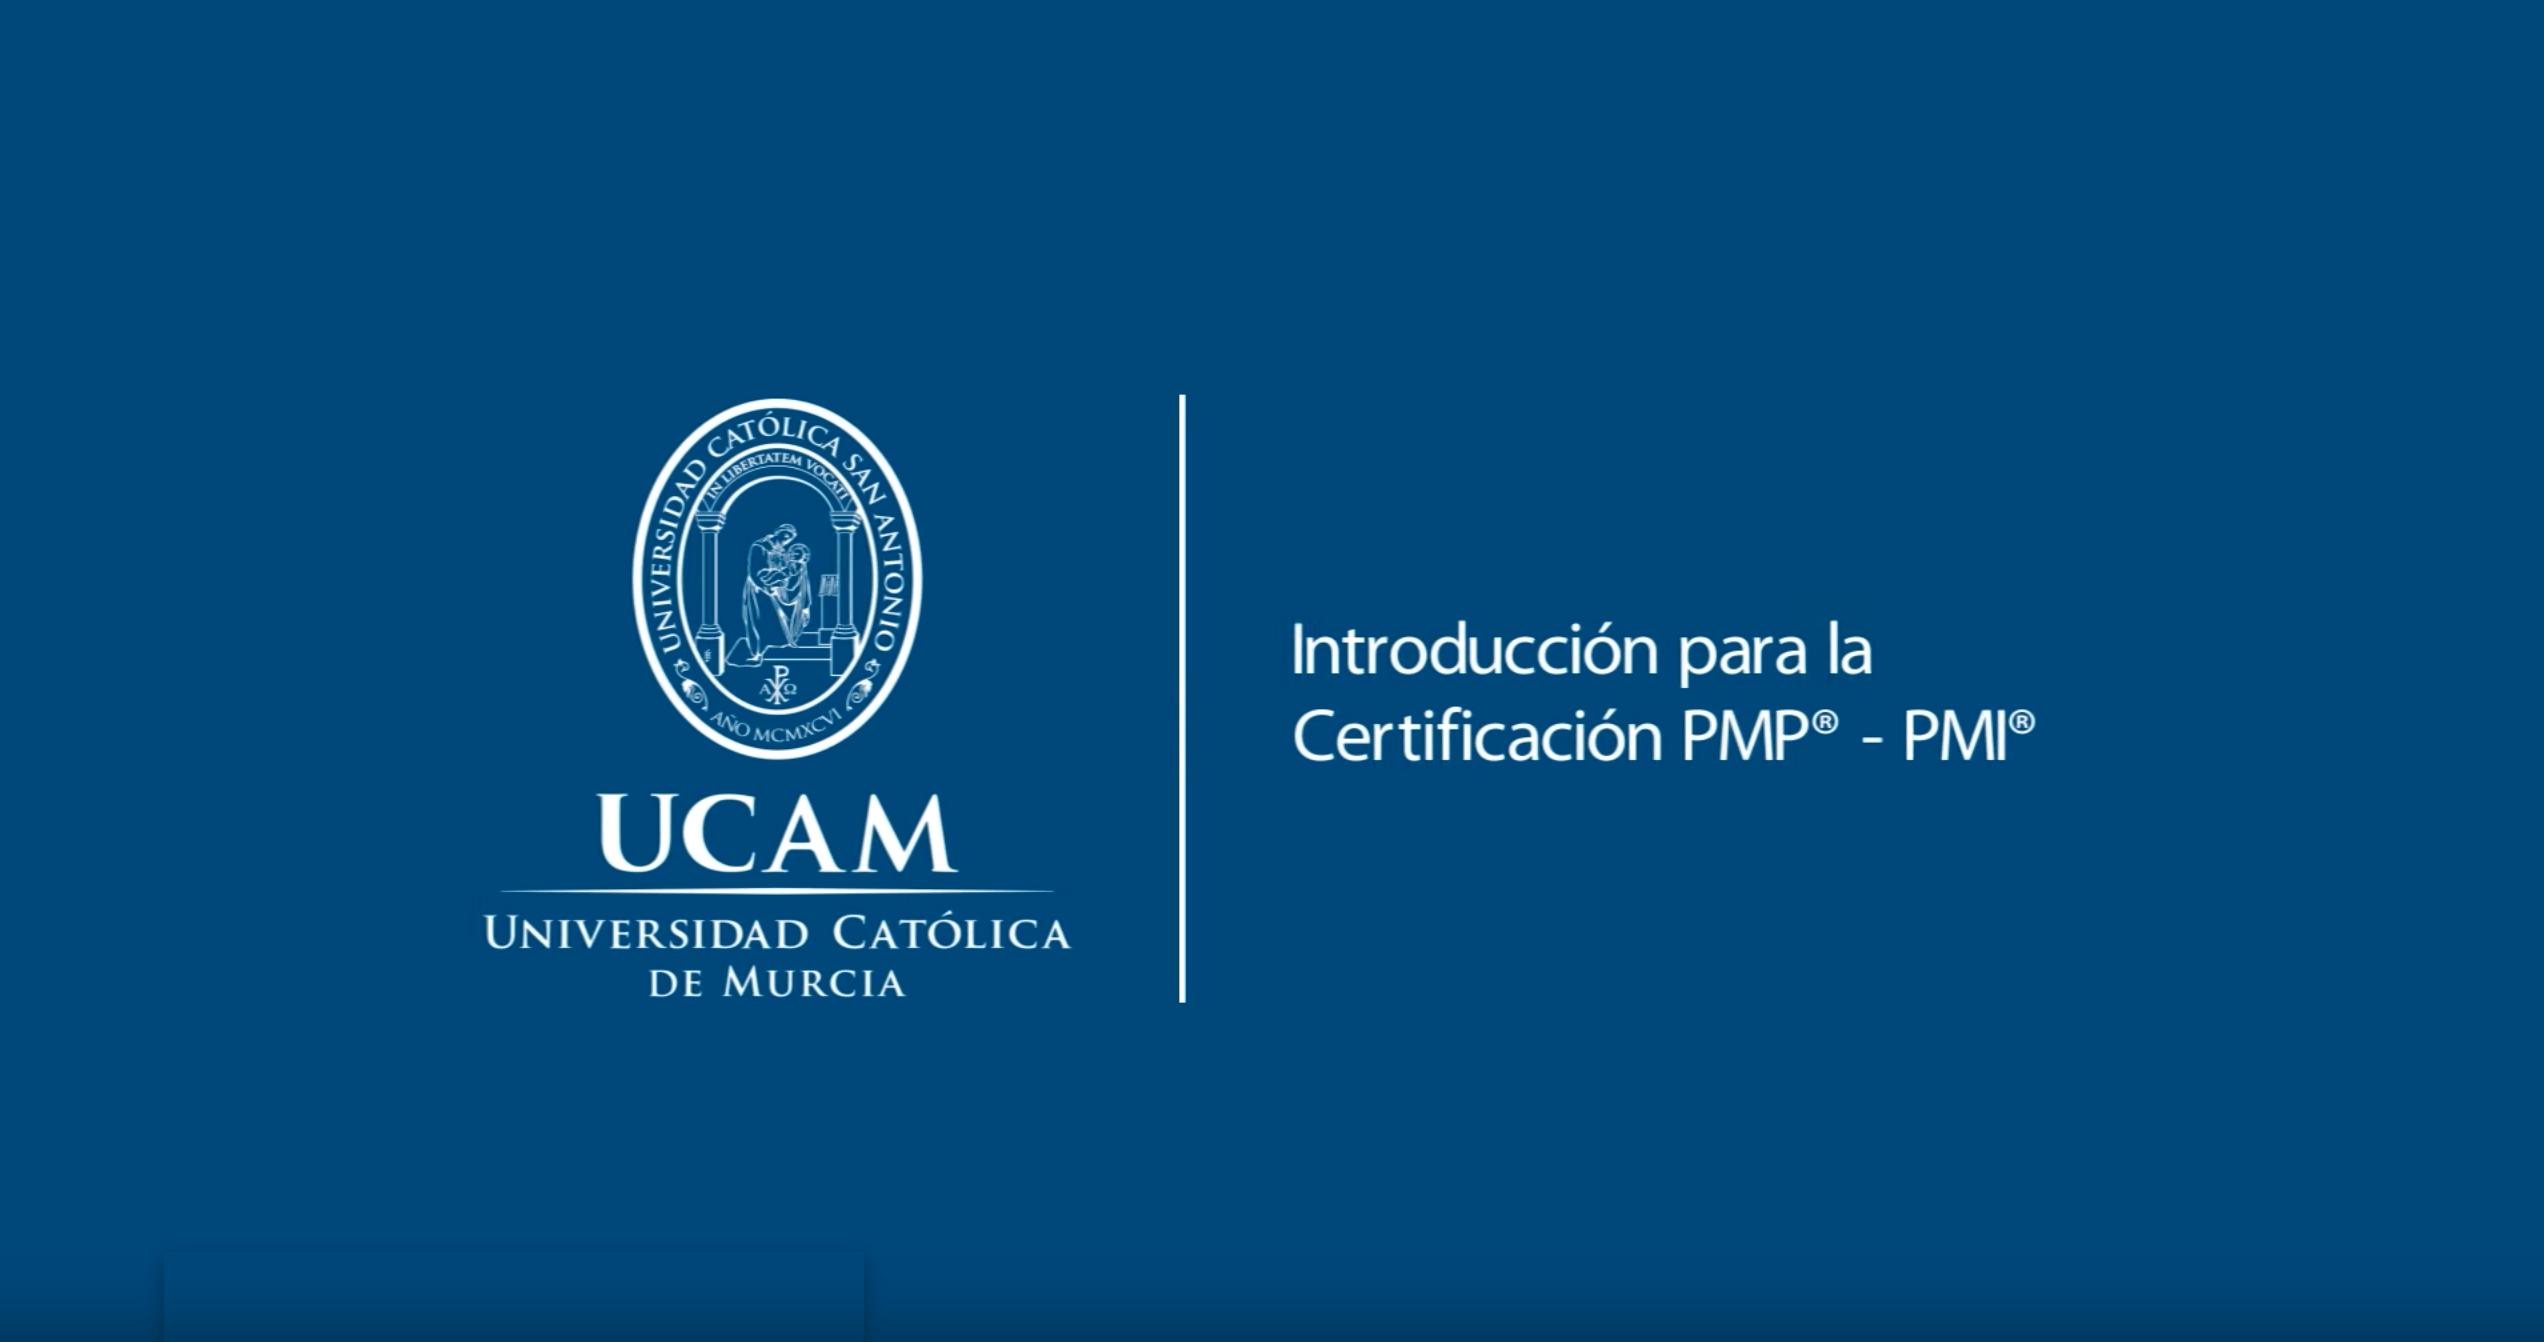 Curso MOOC introducción para la Certificación PMP® – PMI®